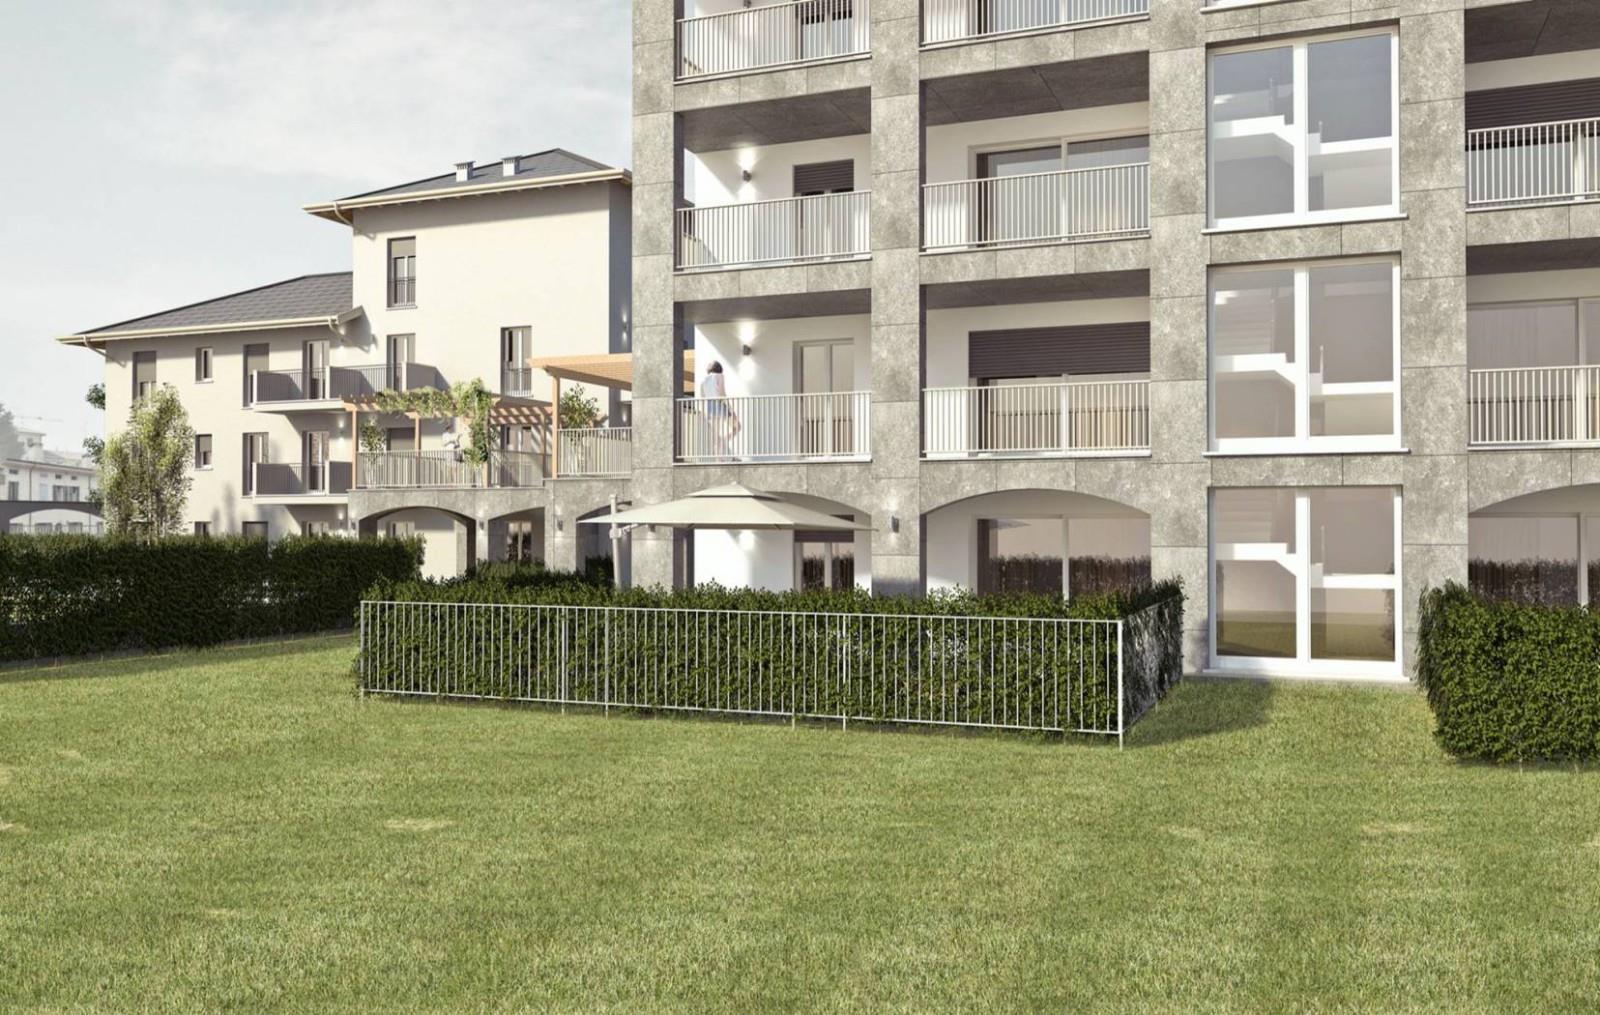 Foto 4 - Appartamento in Vendita - Monza, Zona Regina Pacis